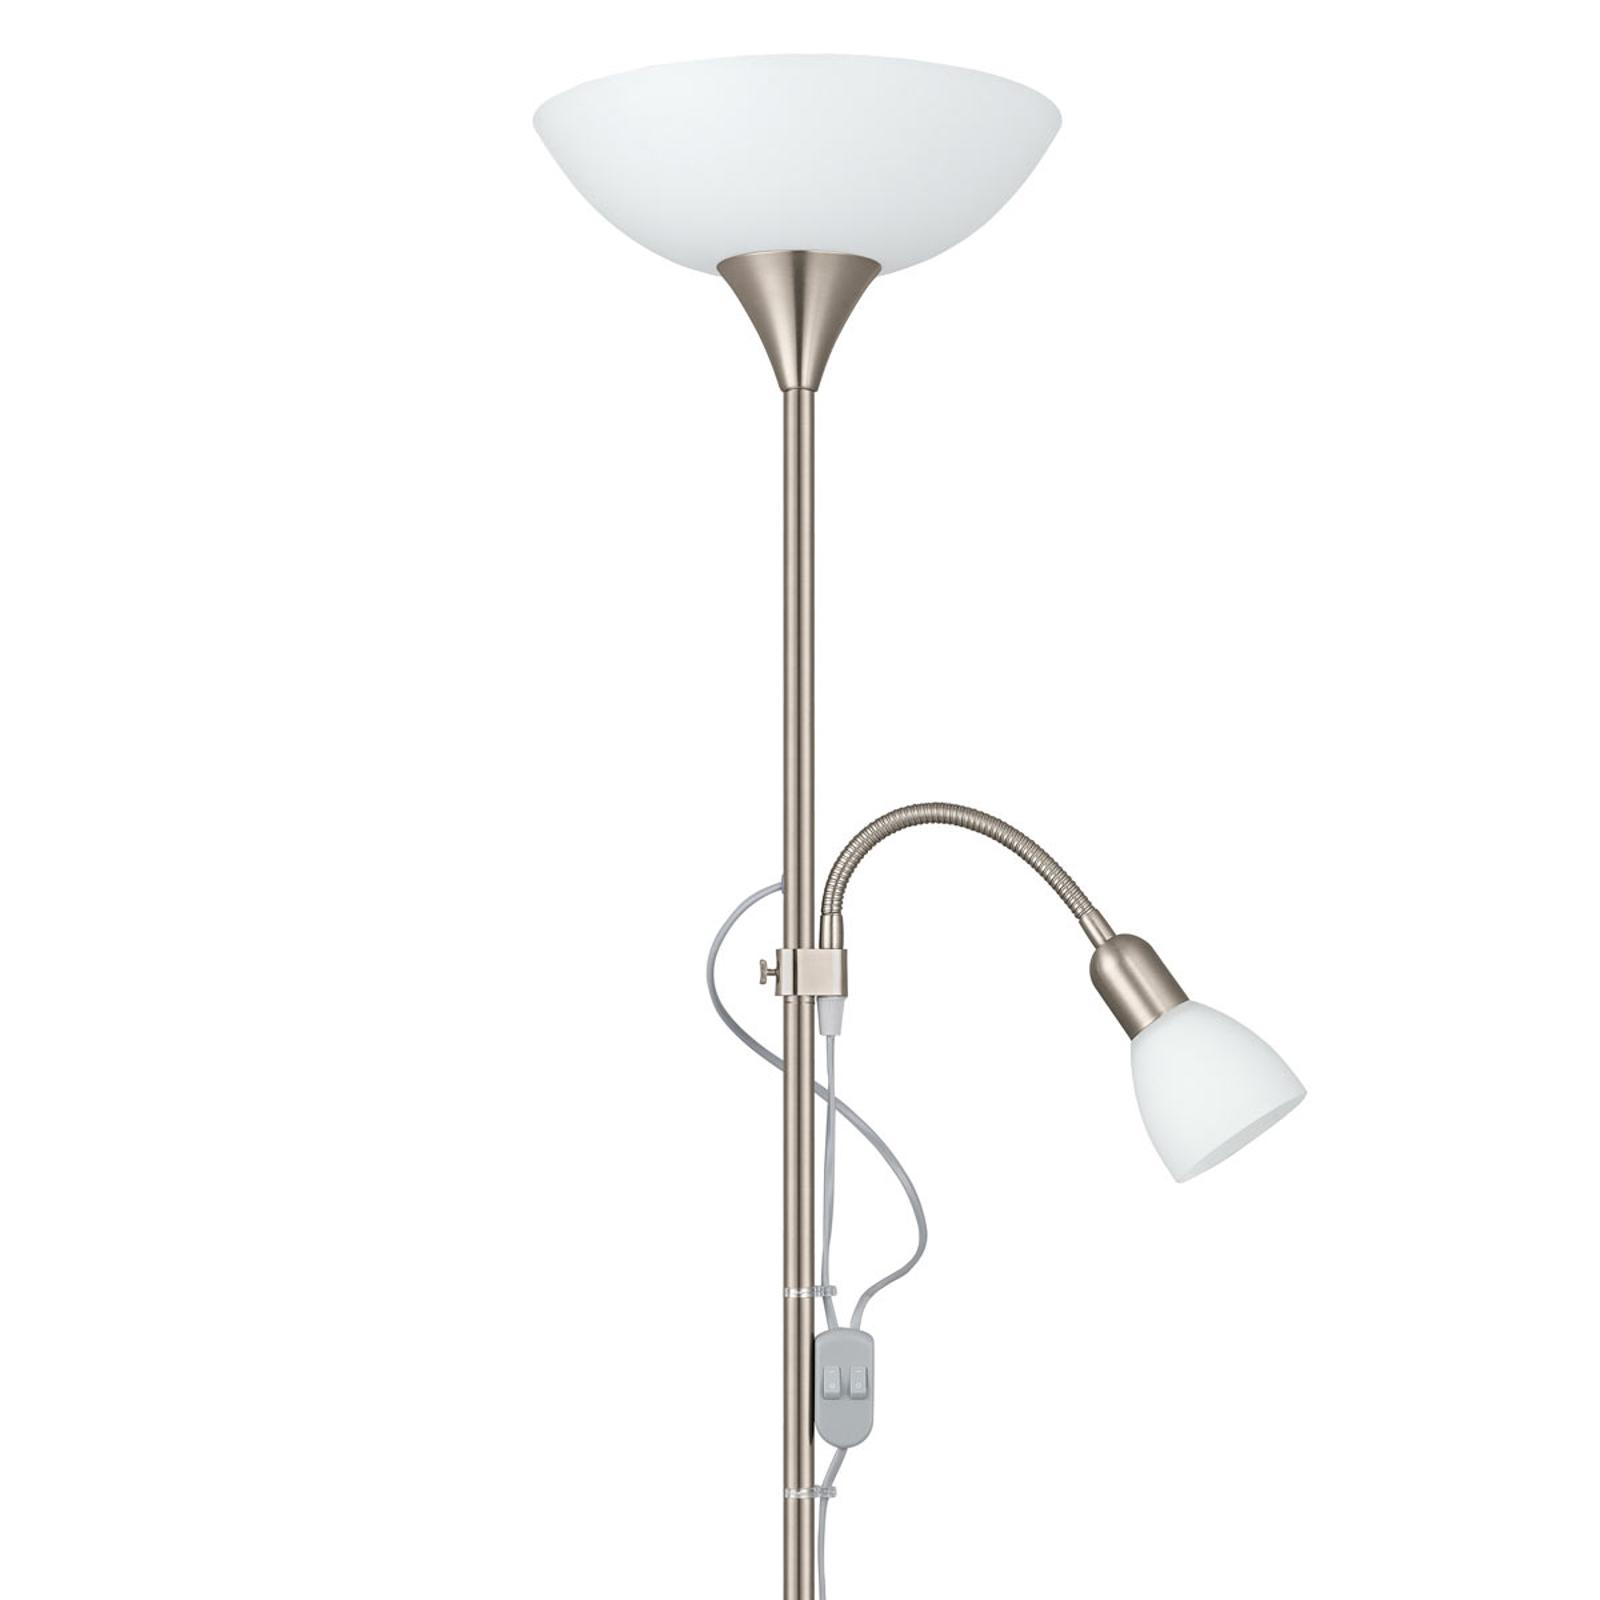 Stabiele vloerlamp UP2 met leeslamp